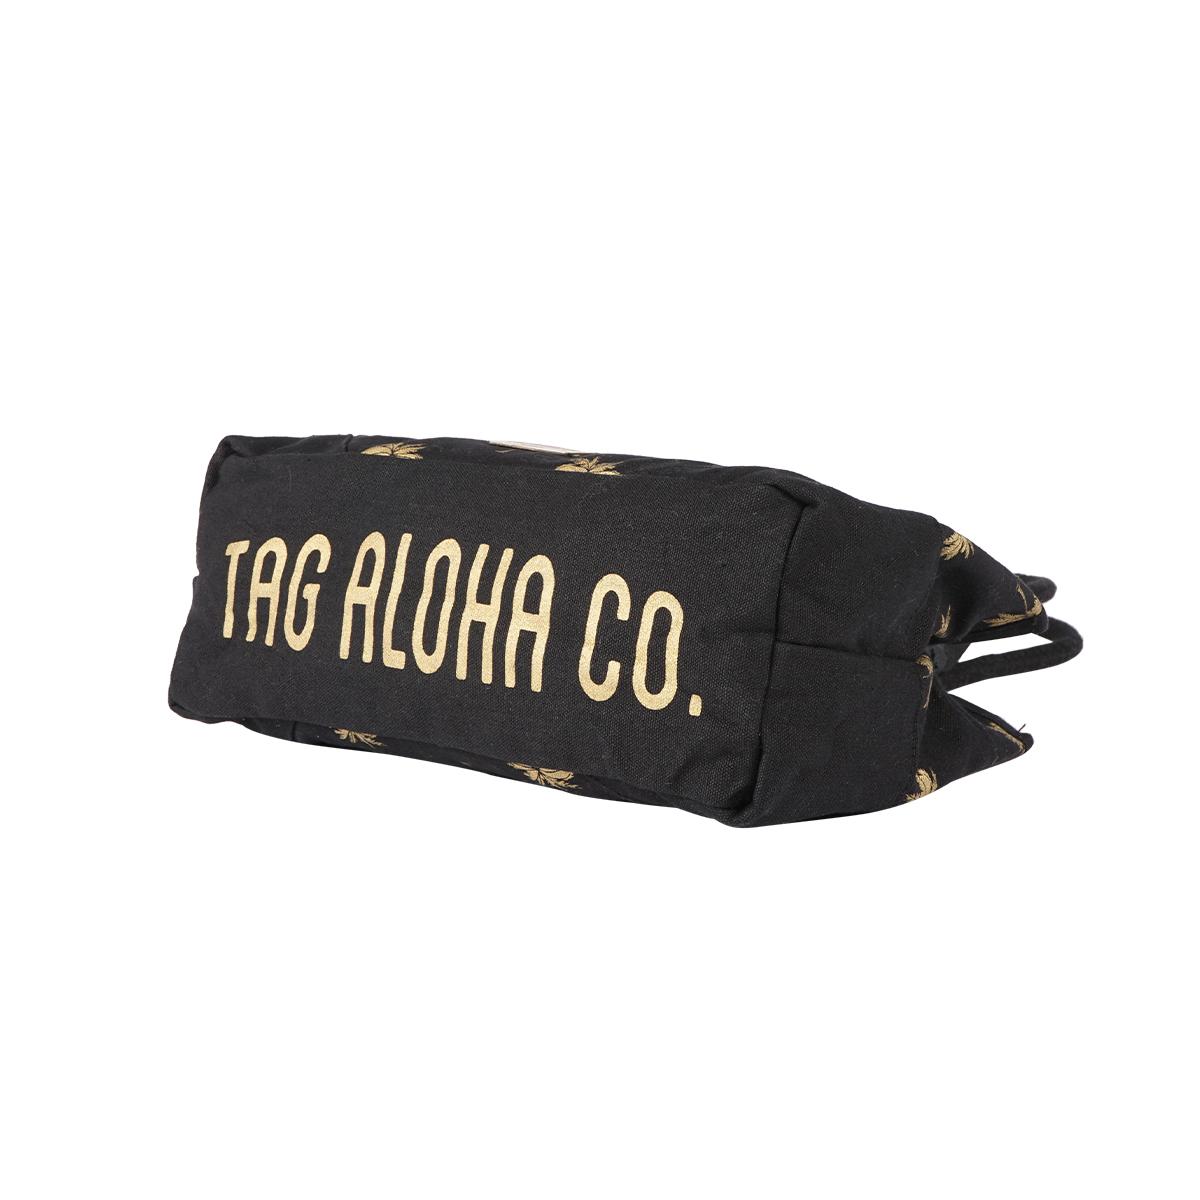 【30%OFF】【TAG ALOHA】GOLD PALM トートバッグS 日本限定デザイン (BLACK) LA19050003